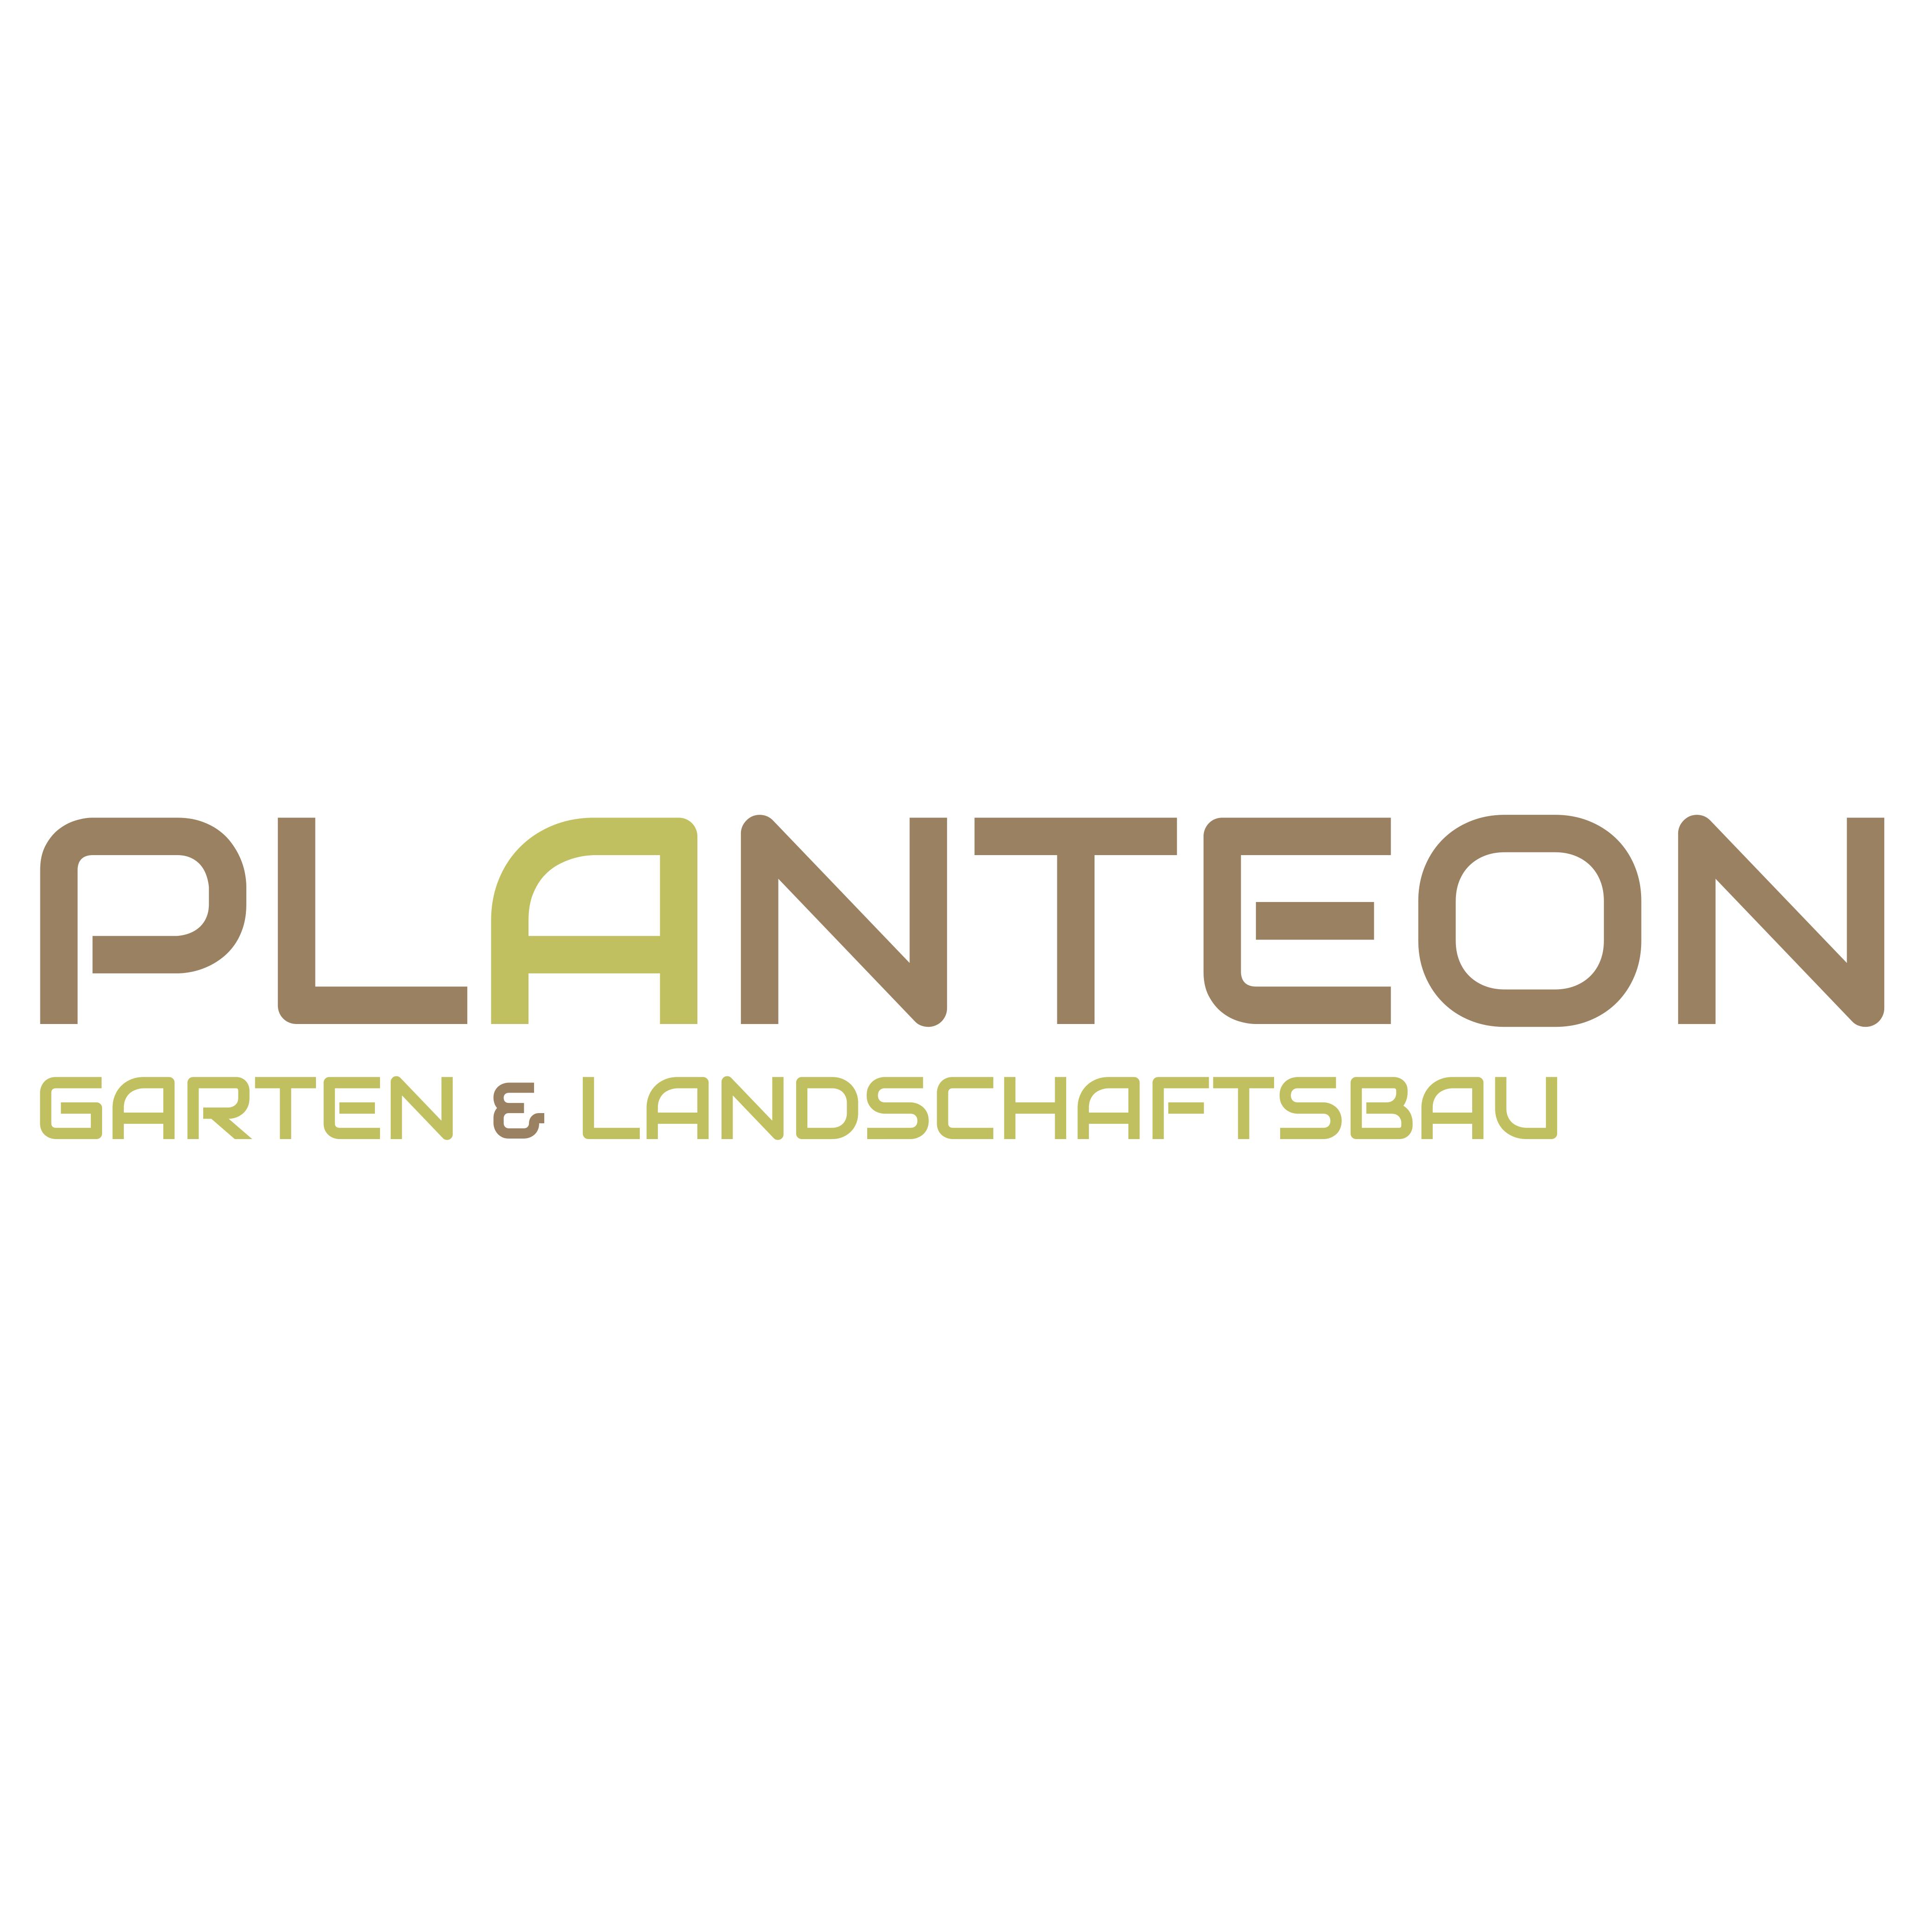 Planteon Garten- und Lamdschaftsbau G (haftungsbeschränkt)